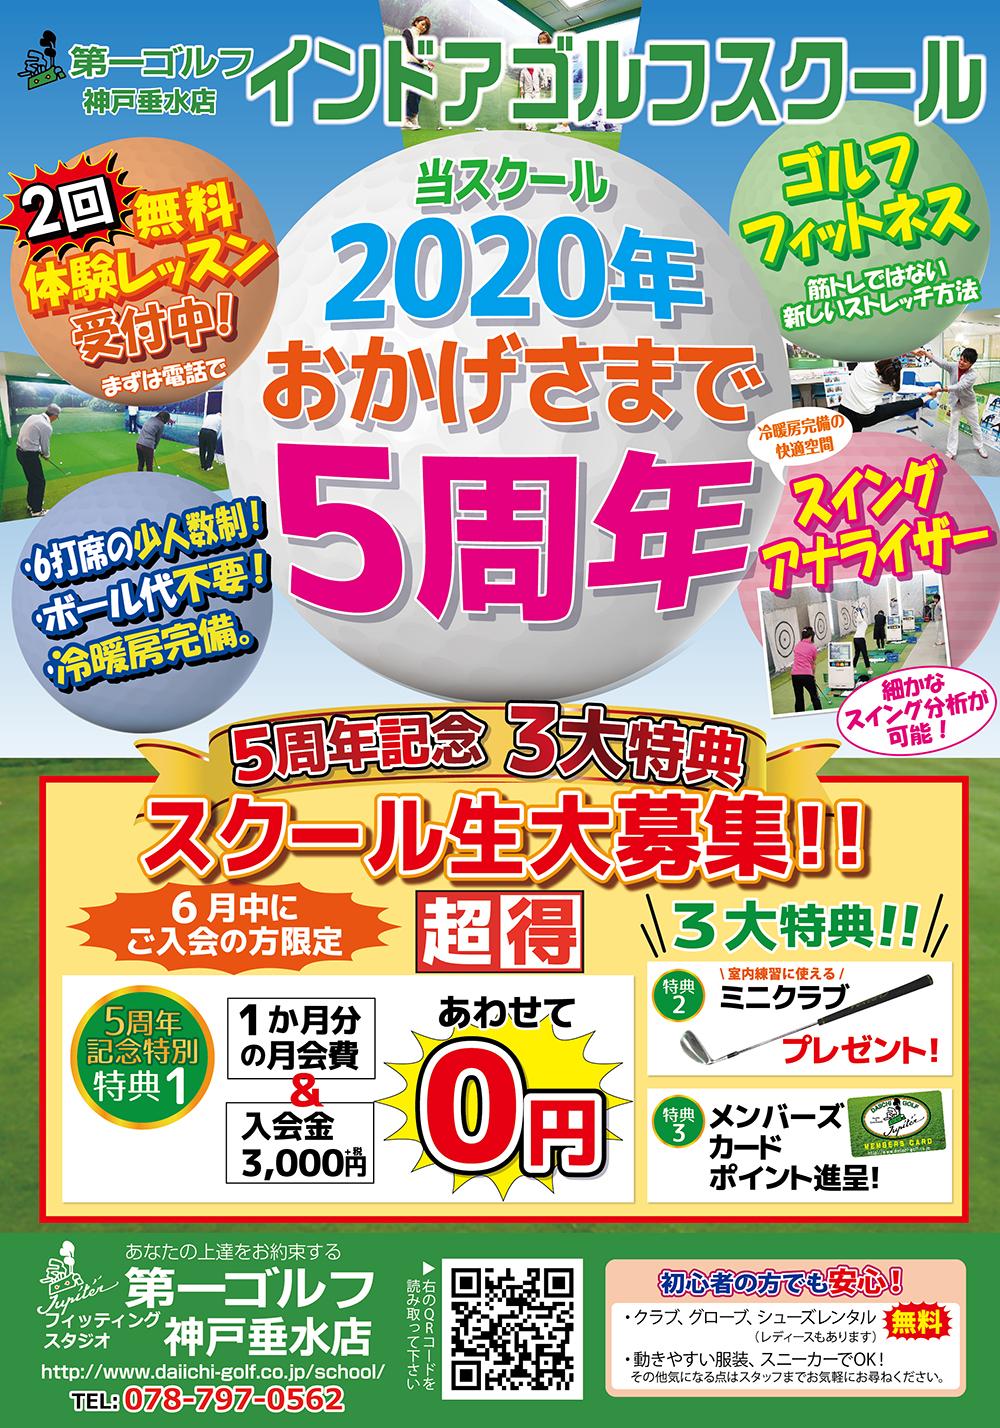 Kobe-HP01.jpg